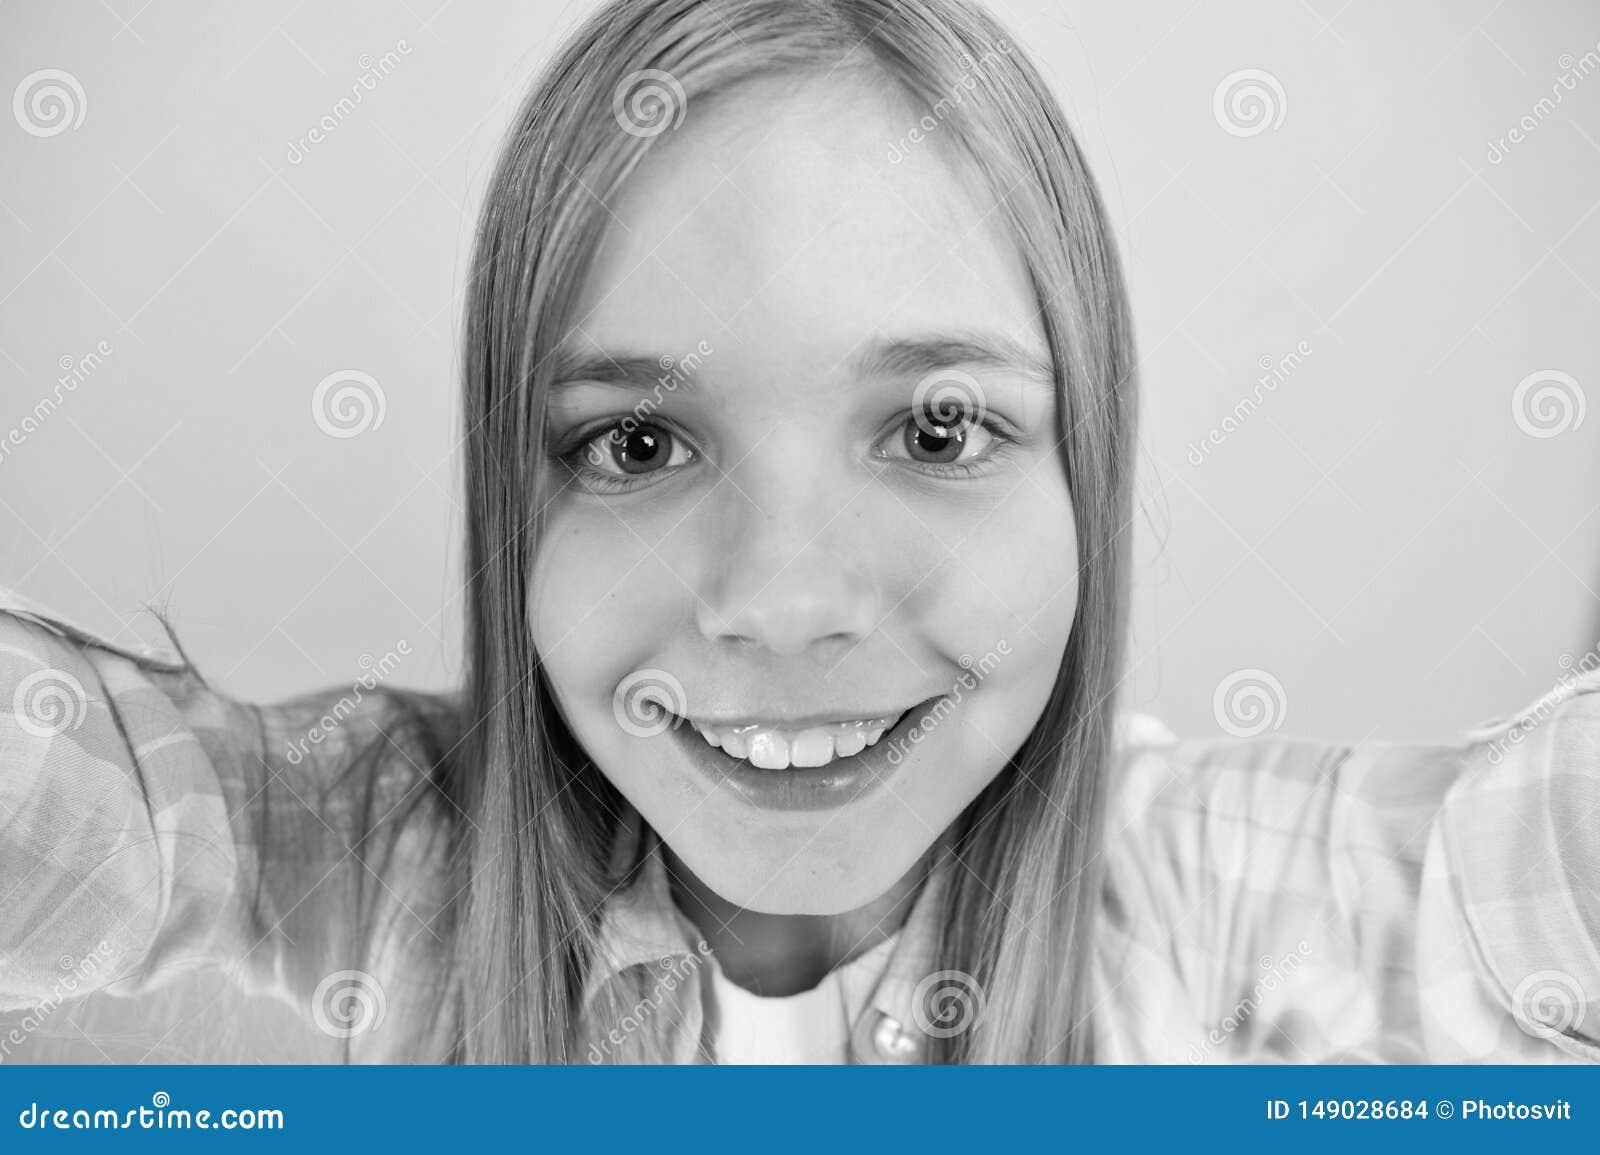 Laat me nemen selfie De greepsmartphone van het kindmeisje neemt foto Het gelukkige gezicht van het kindjonge geitje Videovraagco